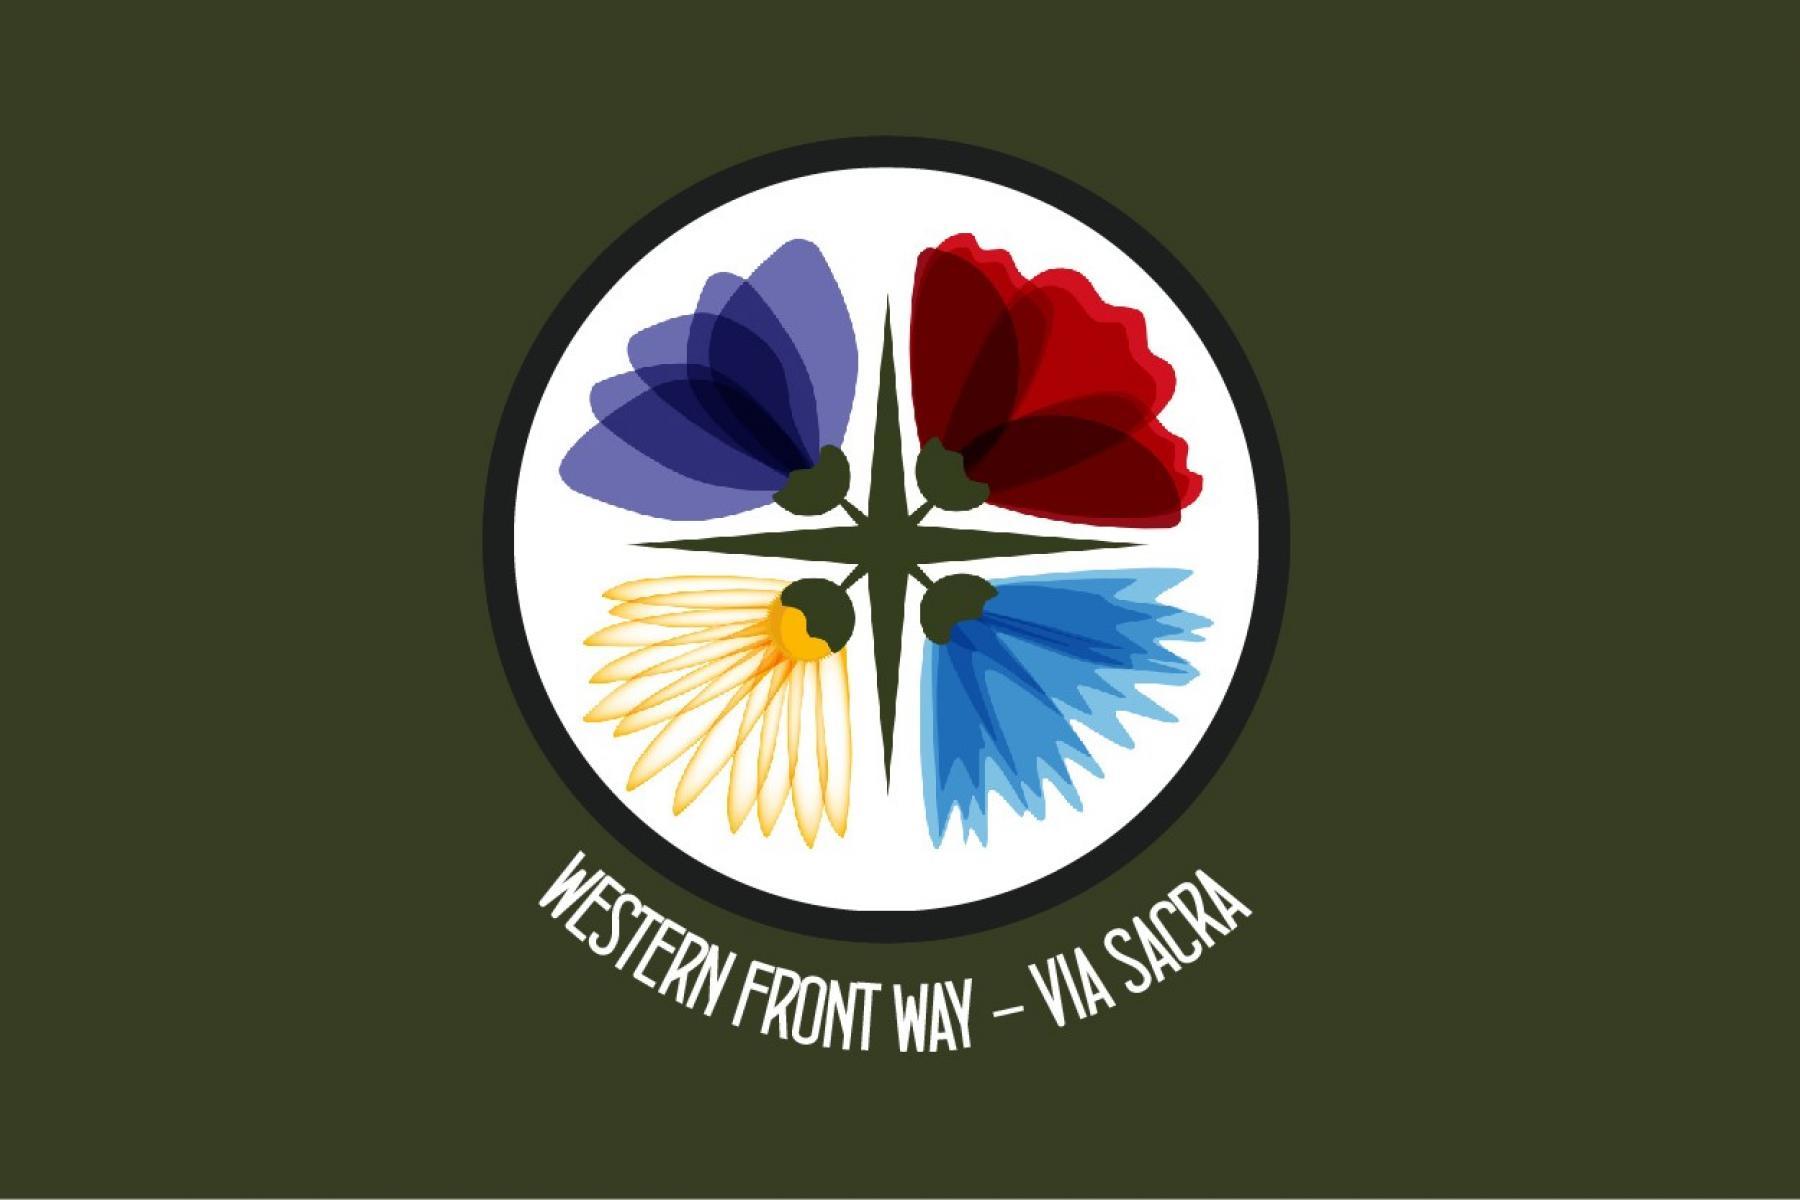 Visit-Nieuwpoort - Western Front Way - Via Sacra - Wandelroute voor Vrede